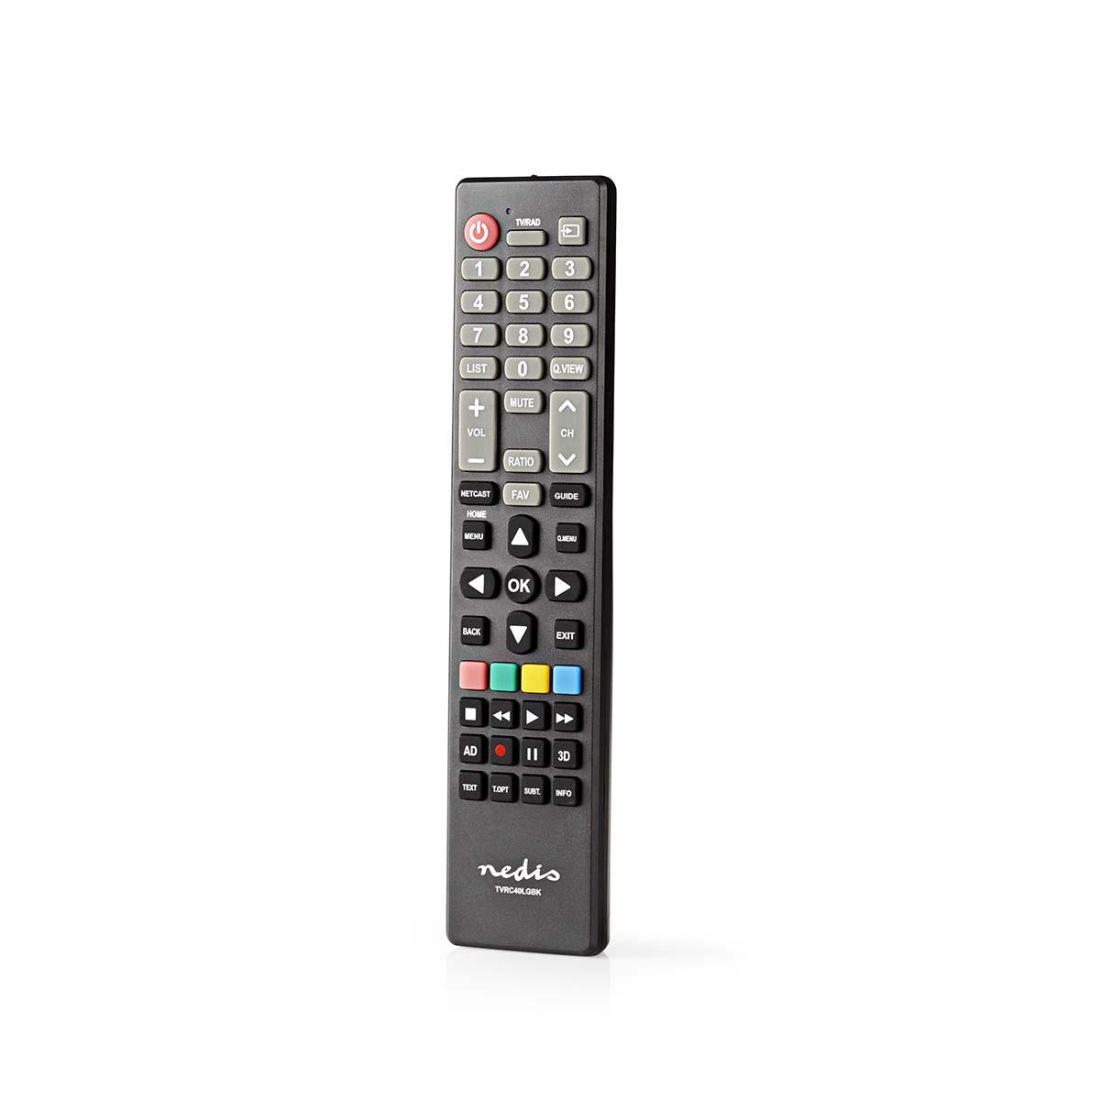 Nedis TVRC40LGBK - Náhradní Dálkový Ovladač | LG TV | Připraveno k Použití